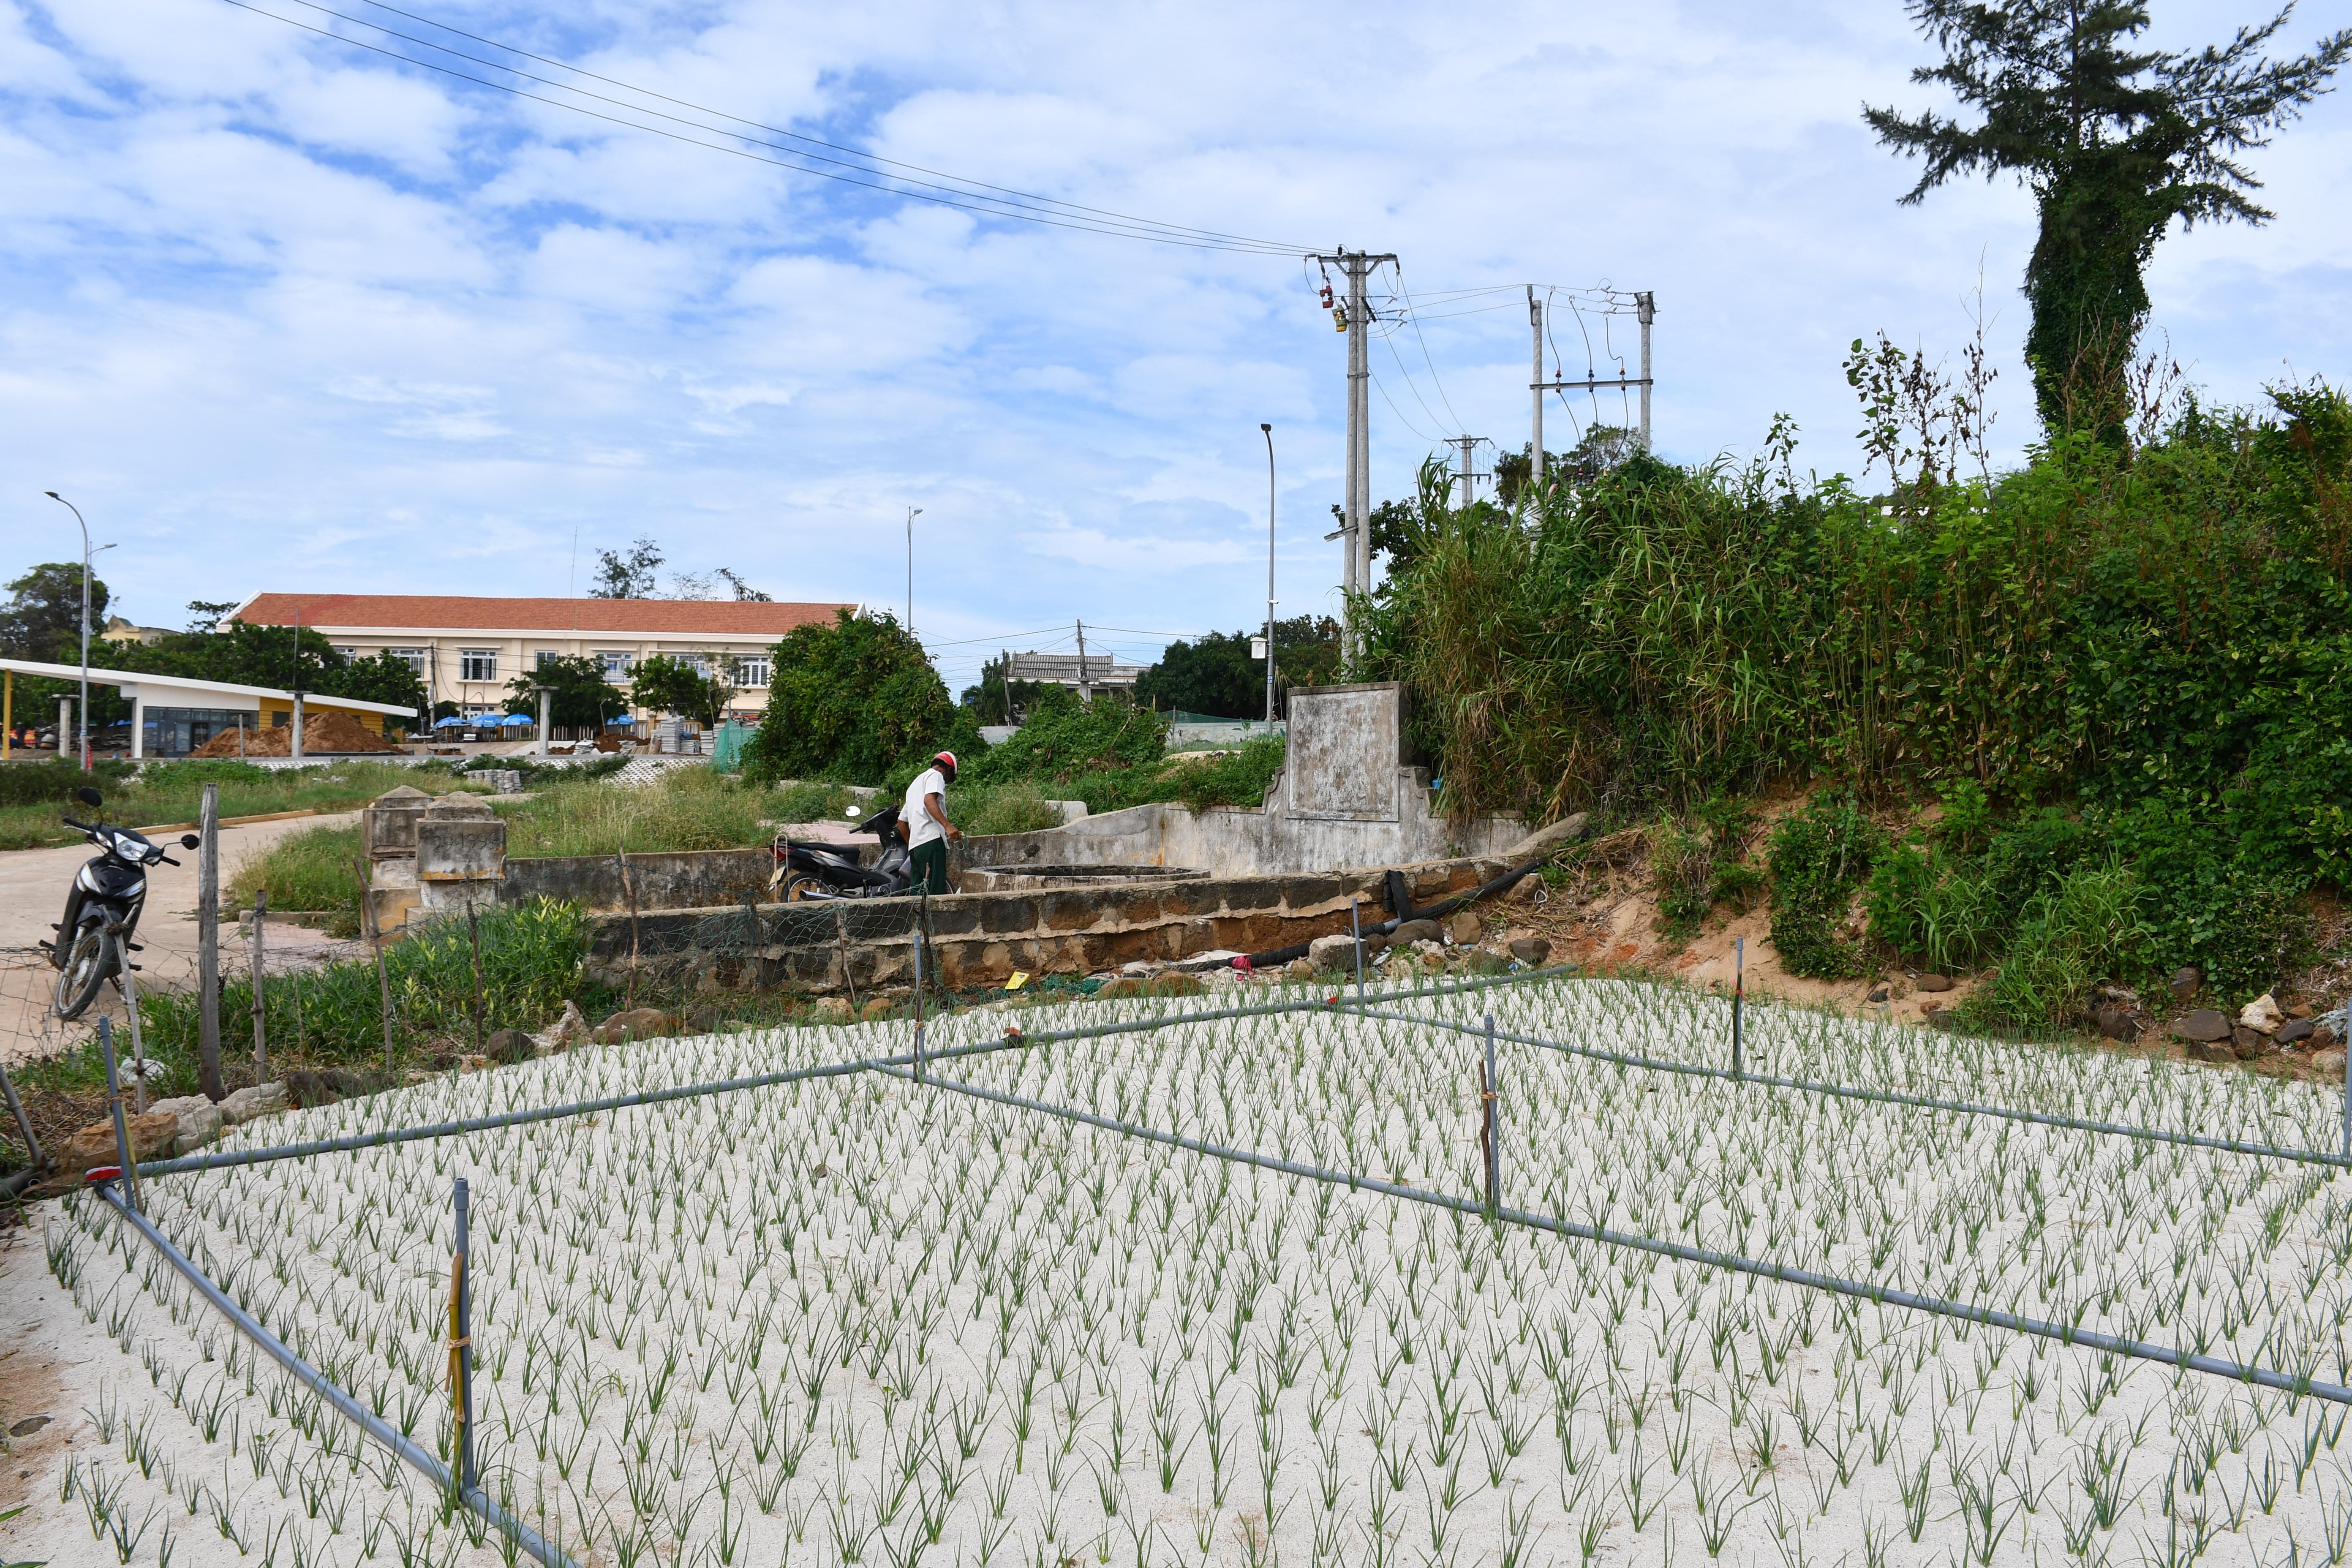 Kỳ lạ giếng cổ hàng trăm năm tuổi, quanh năm không cạn nước ở Quảng Ngãi - 4